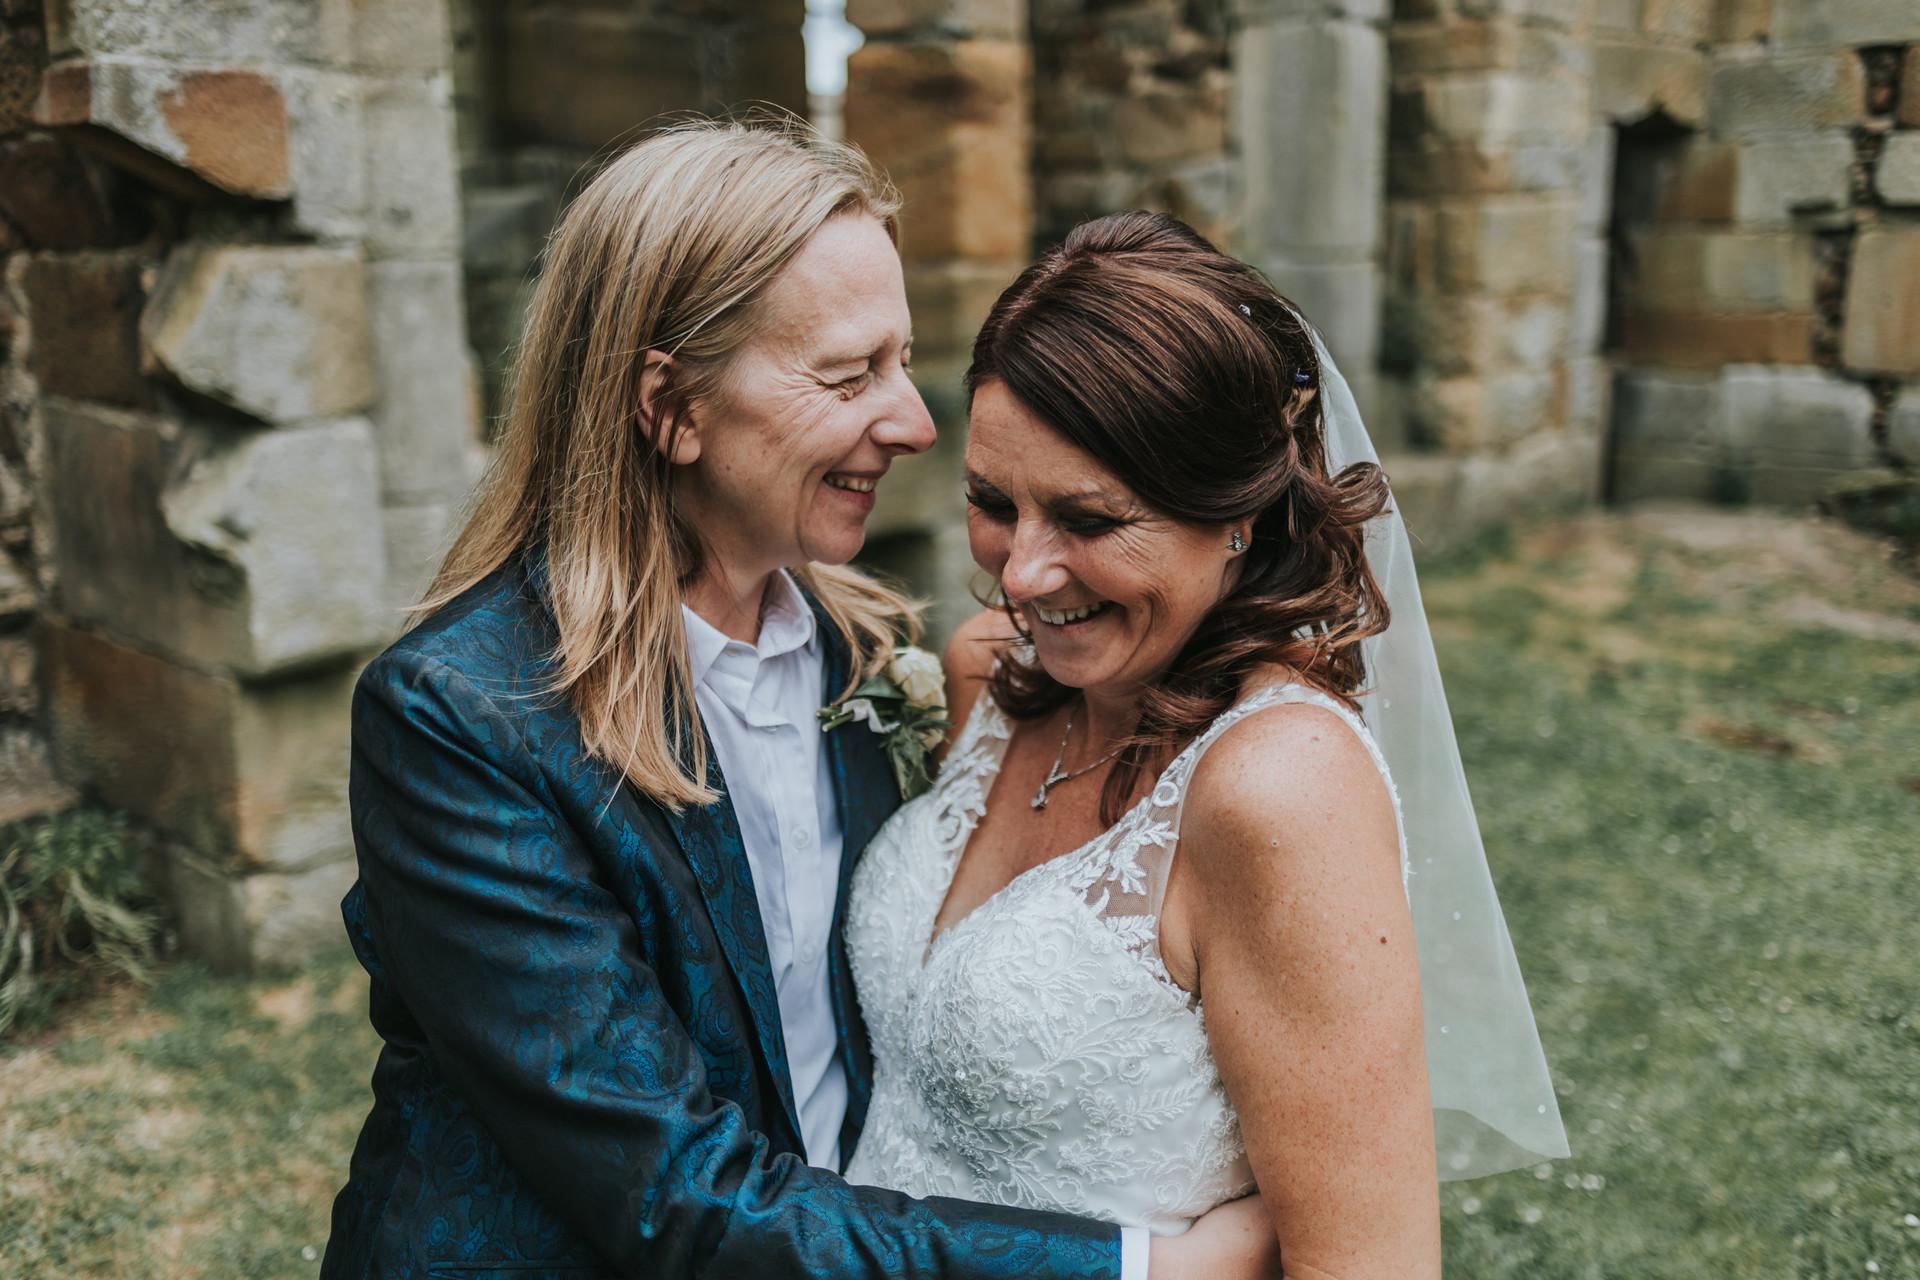 Brides smiling together at Danby Castle